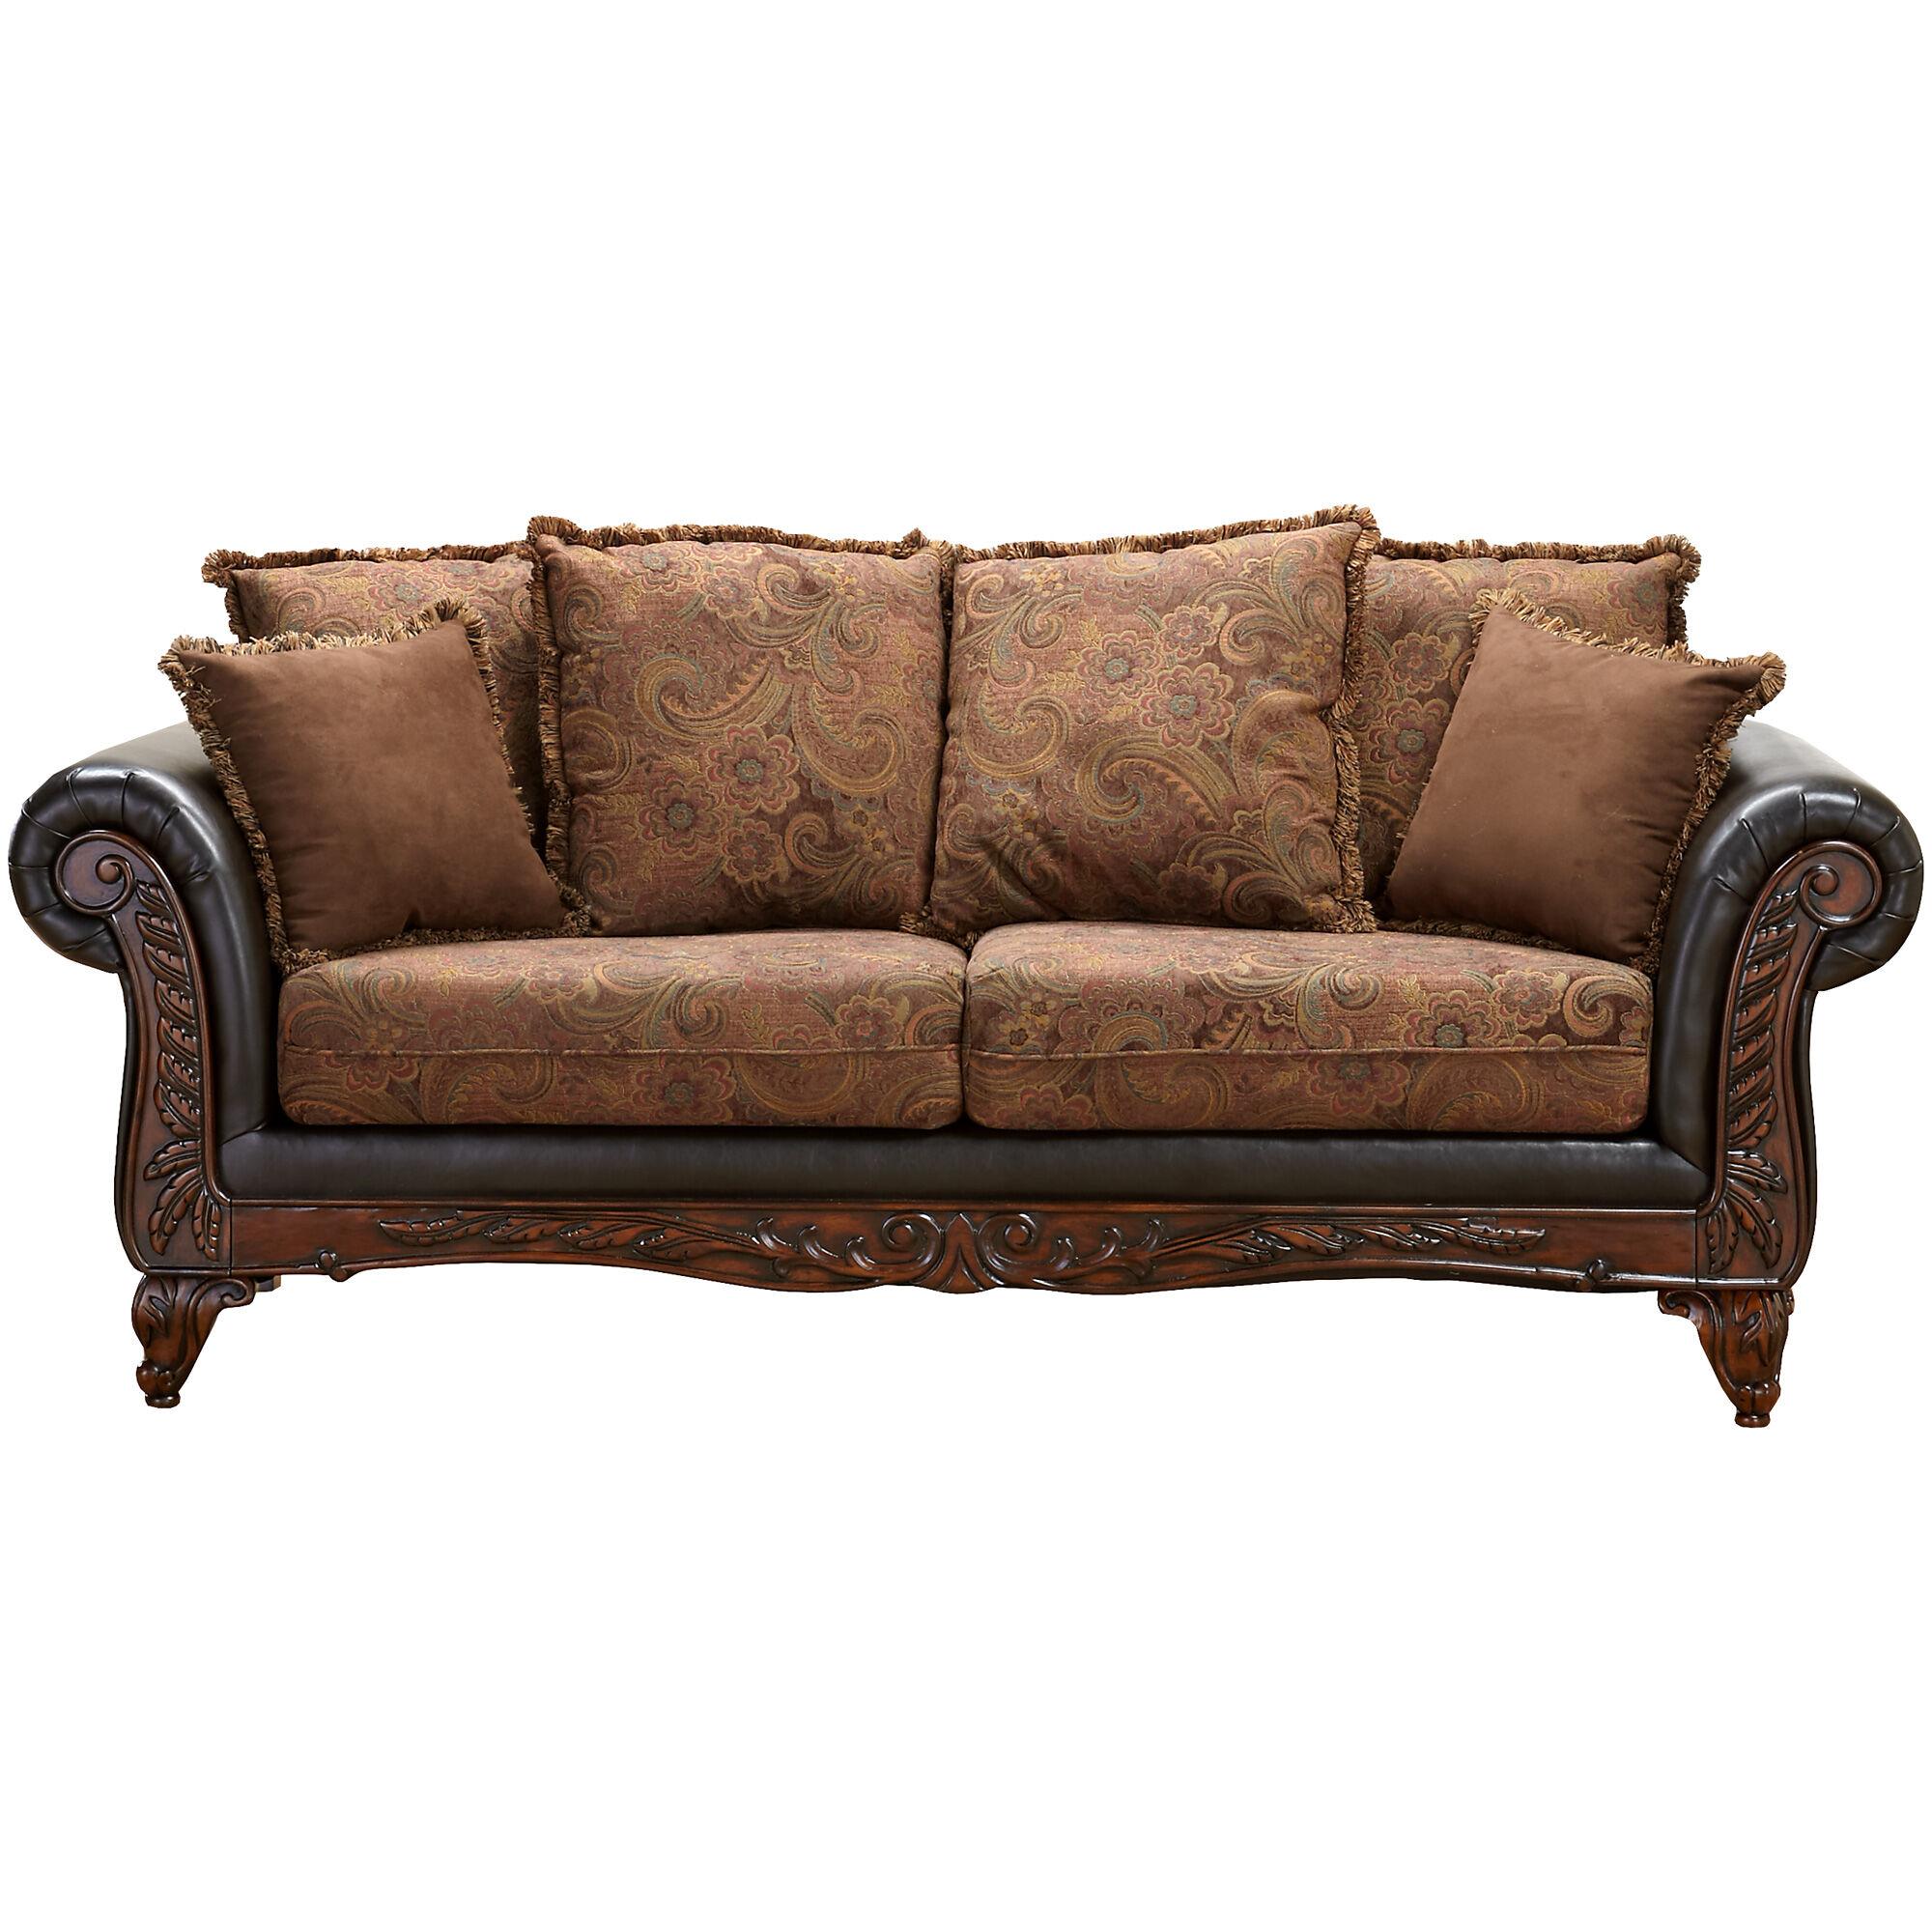 Slumberland Furniture Heritage Sofa